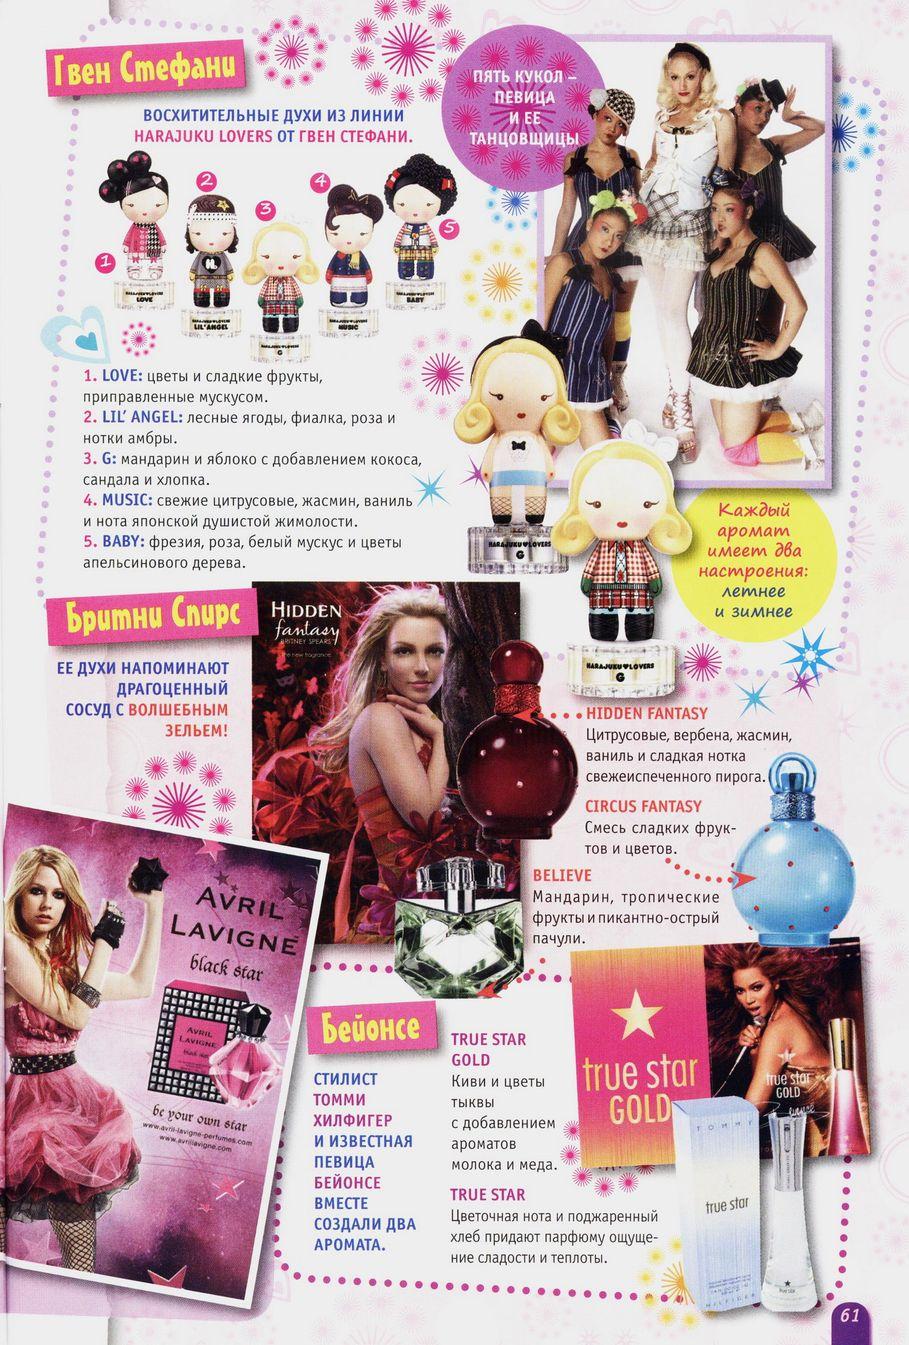 Комикс Винкс Winx - Любовь и долг (Журнал Винкс №2 2011) - стр. 61